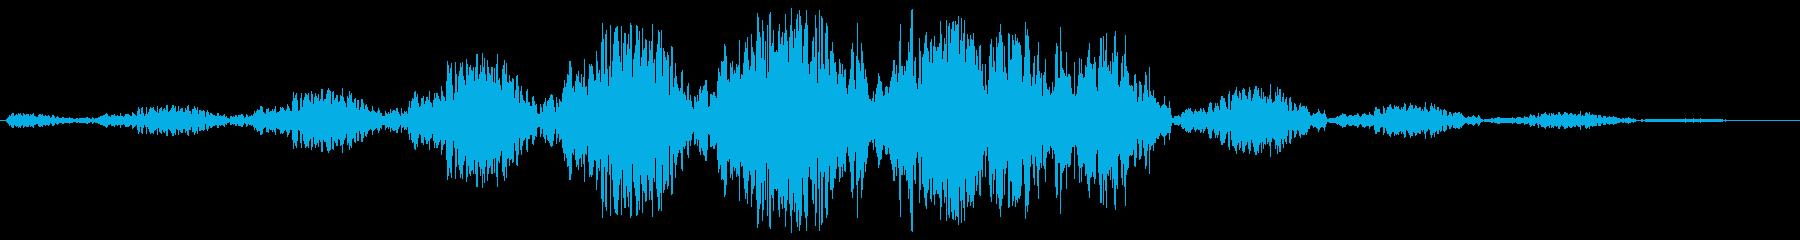 ゆっくりと回転移動するような効果音の再生済みの波形